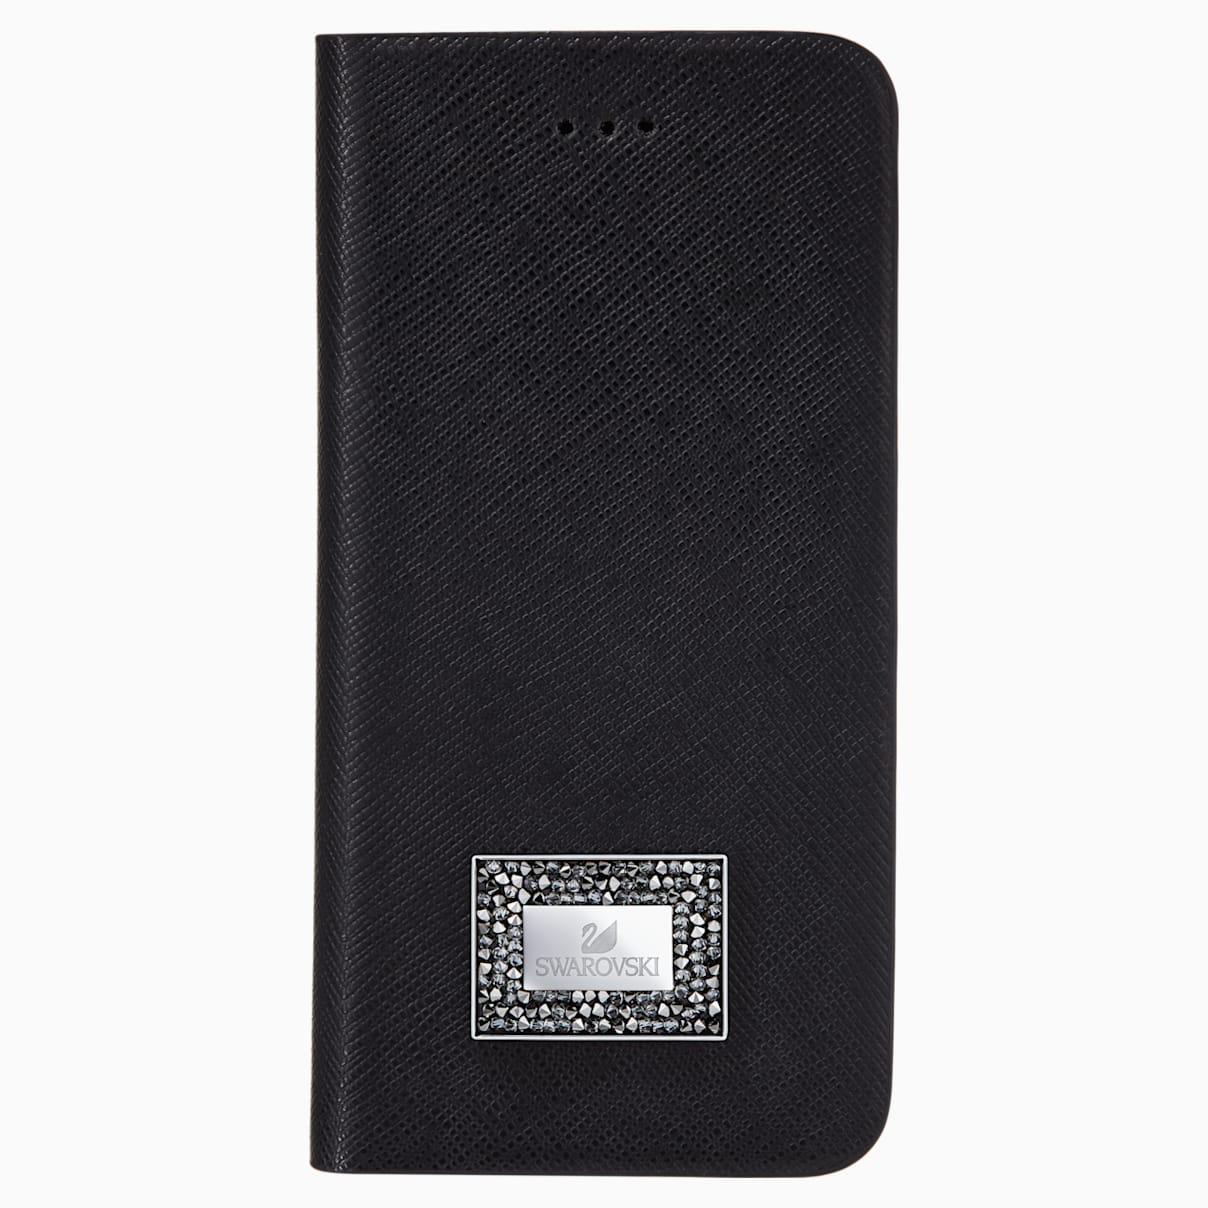 Custodia a portafoglio per smartphone con bordi protettivi, Samsung Galaxy S® 7, Nero